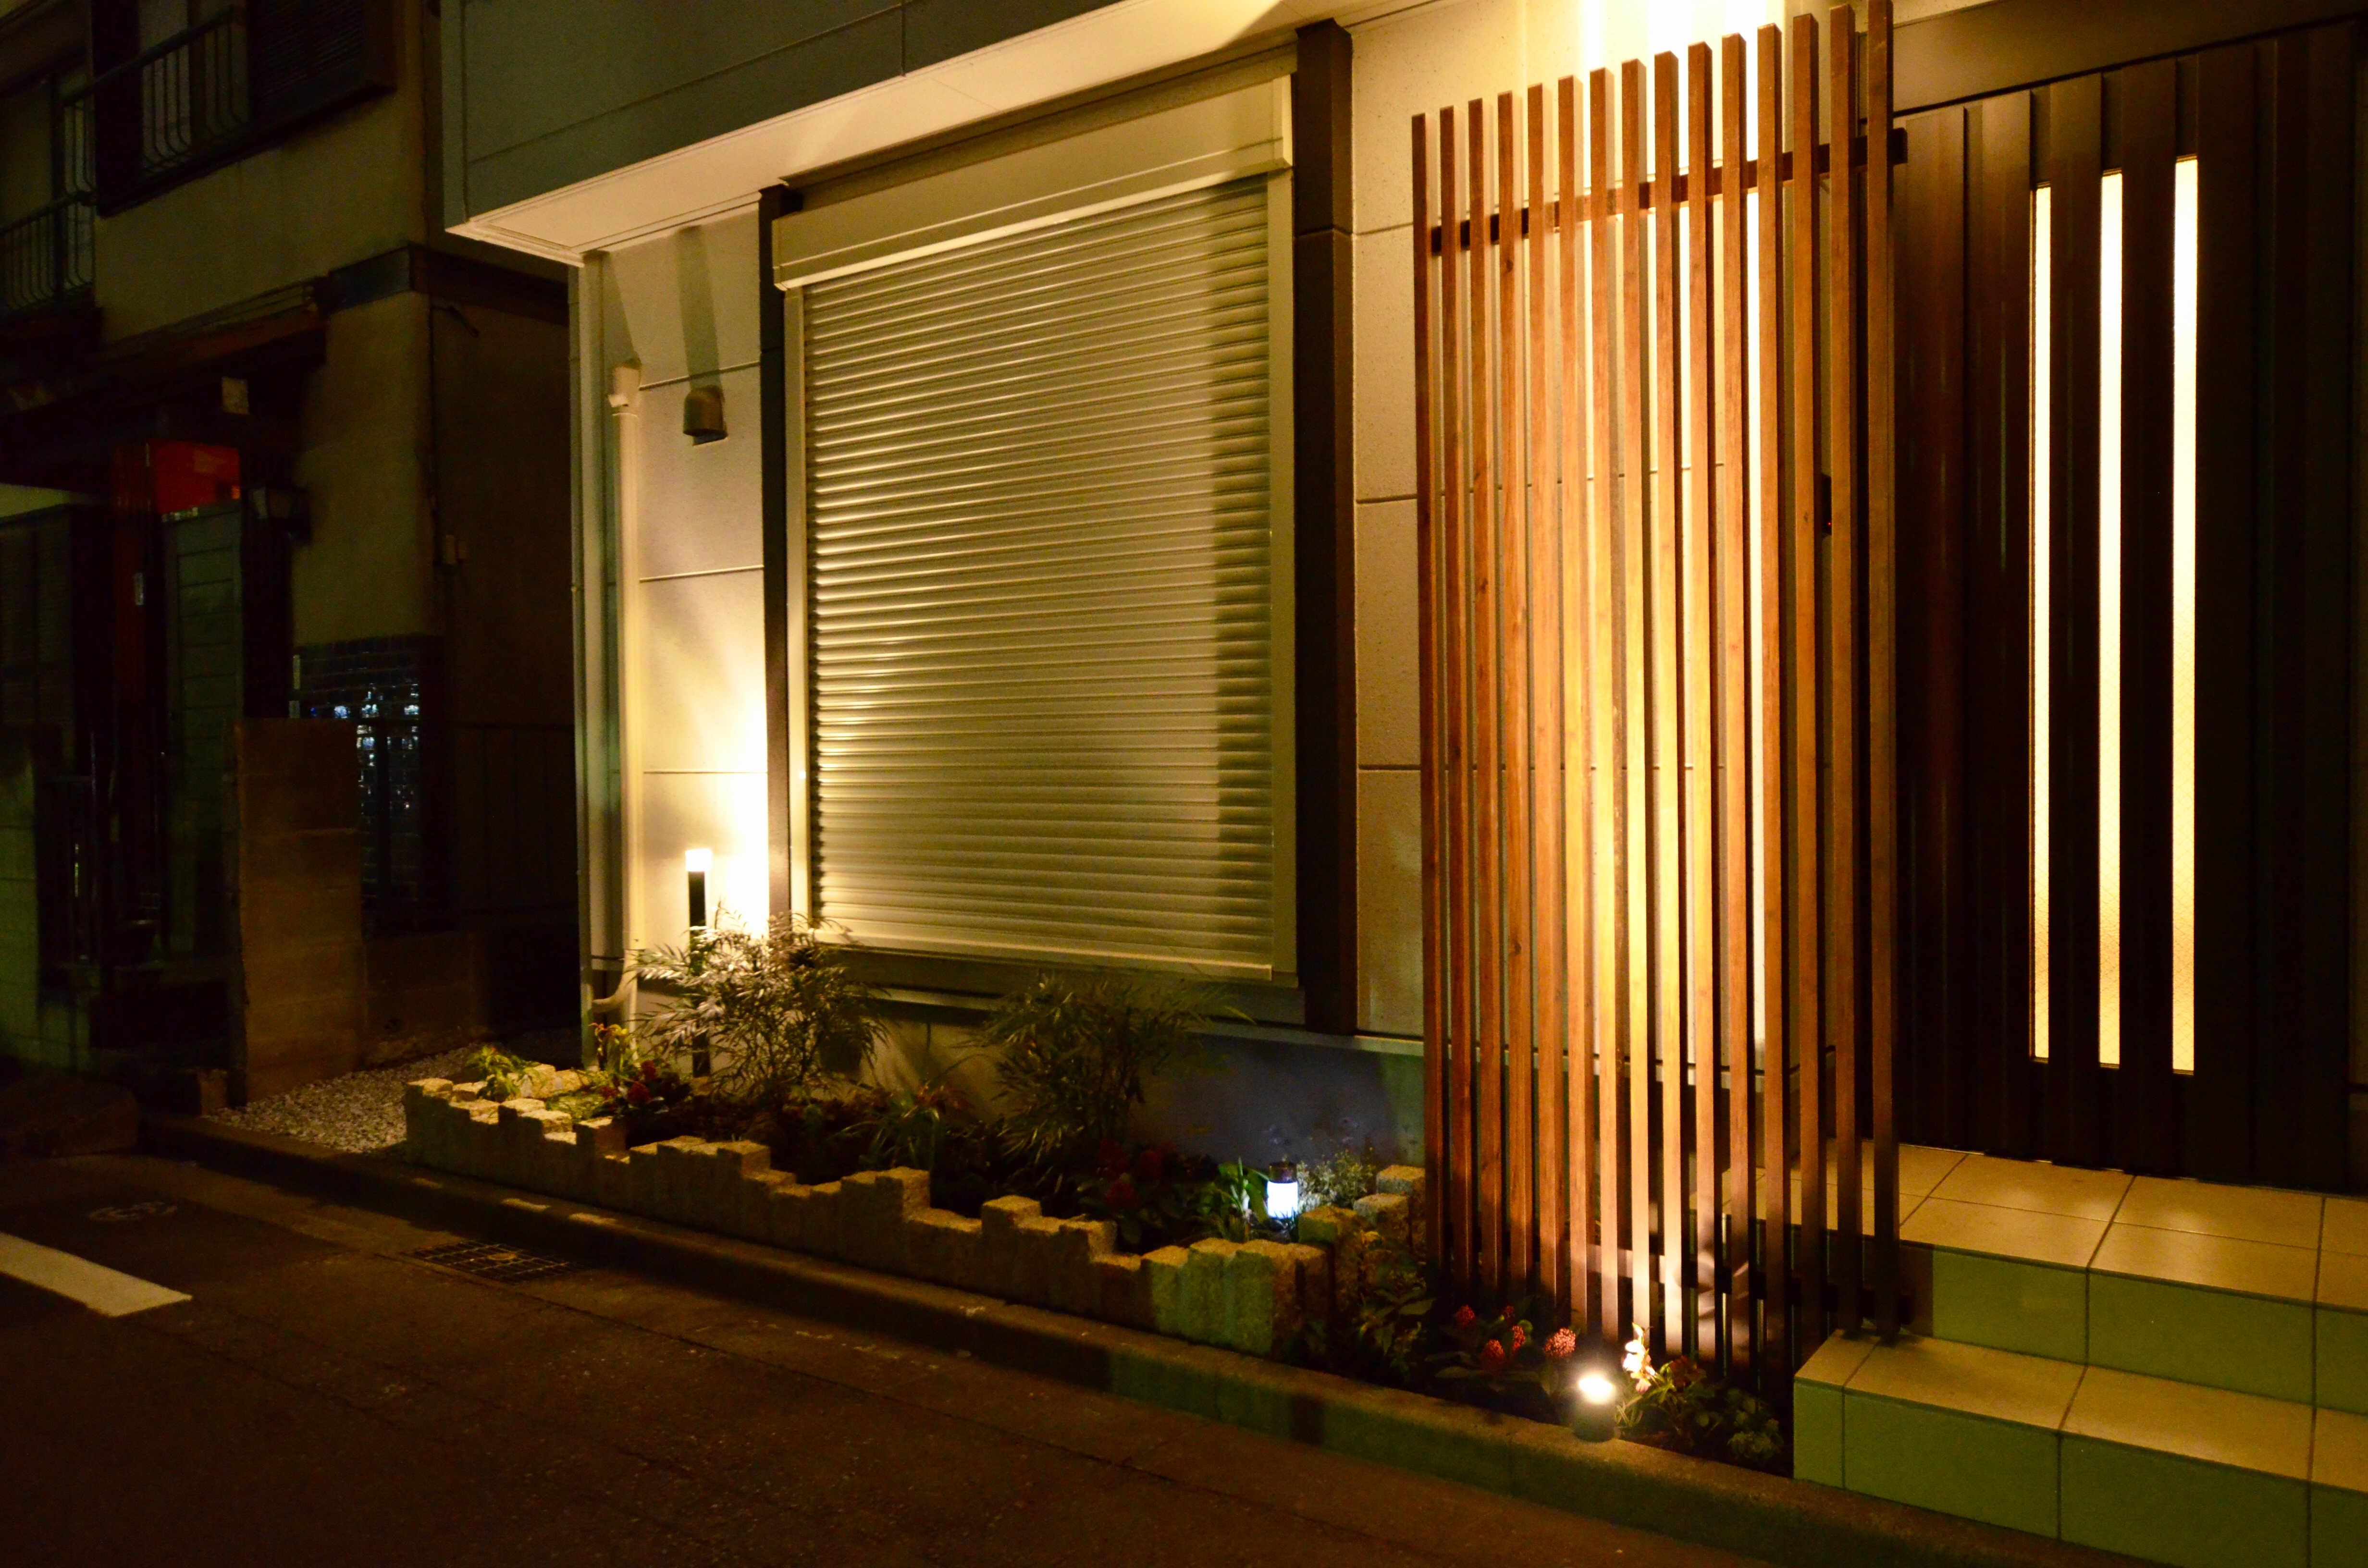 目隠しフェンスと照明がモダンな玄関を演出